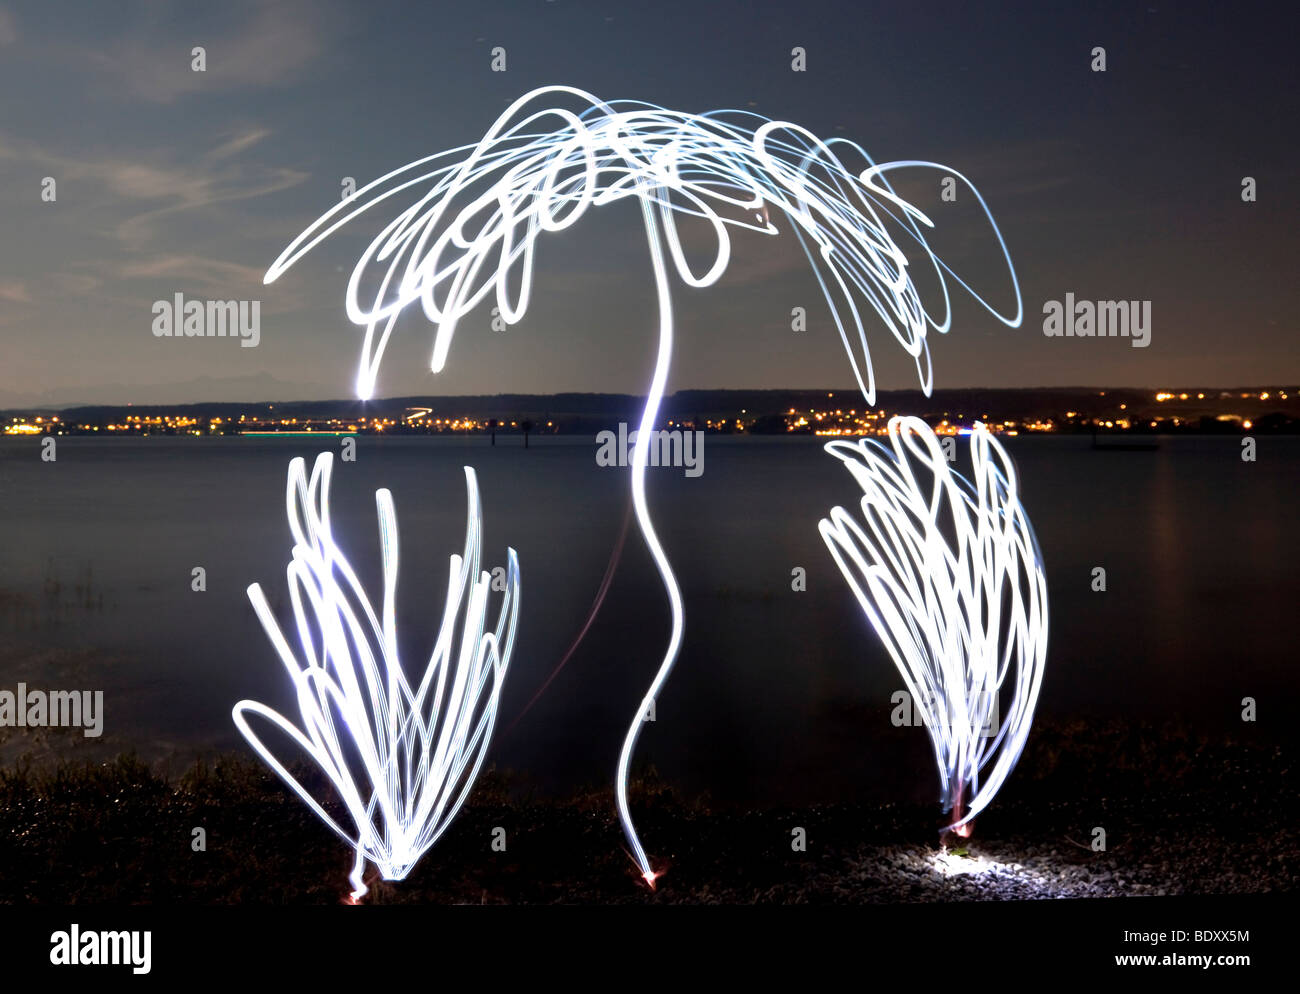 Peinture de lumière sur les rives du lac de Constance, Bade-Wurtemberg, Allemagne, Europe Banque D'Images